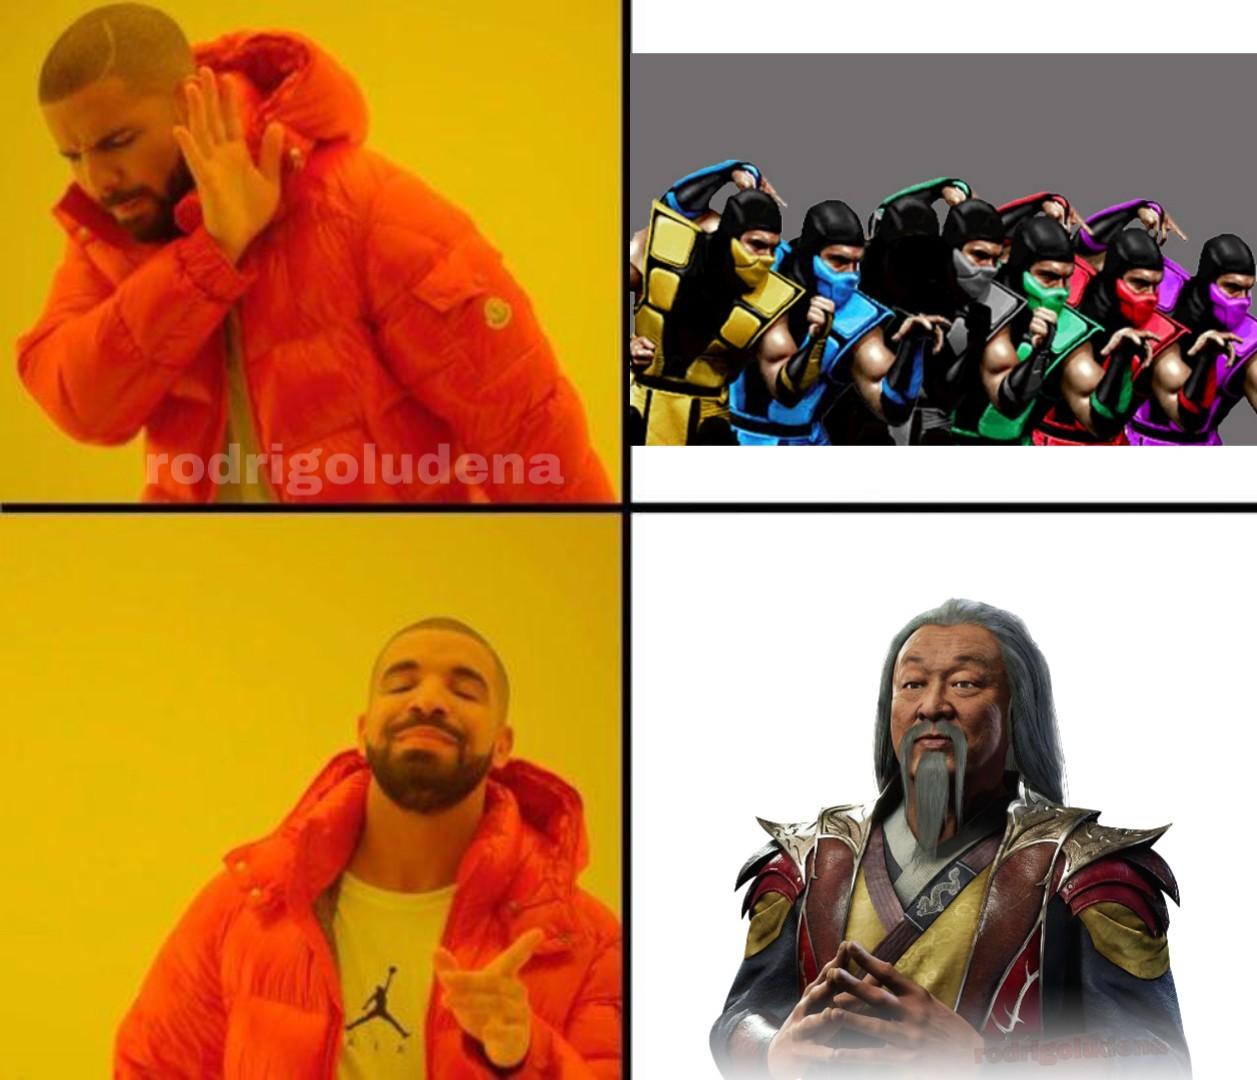 Shang tsung - meme